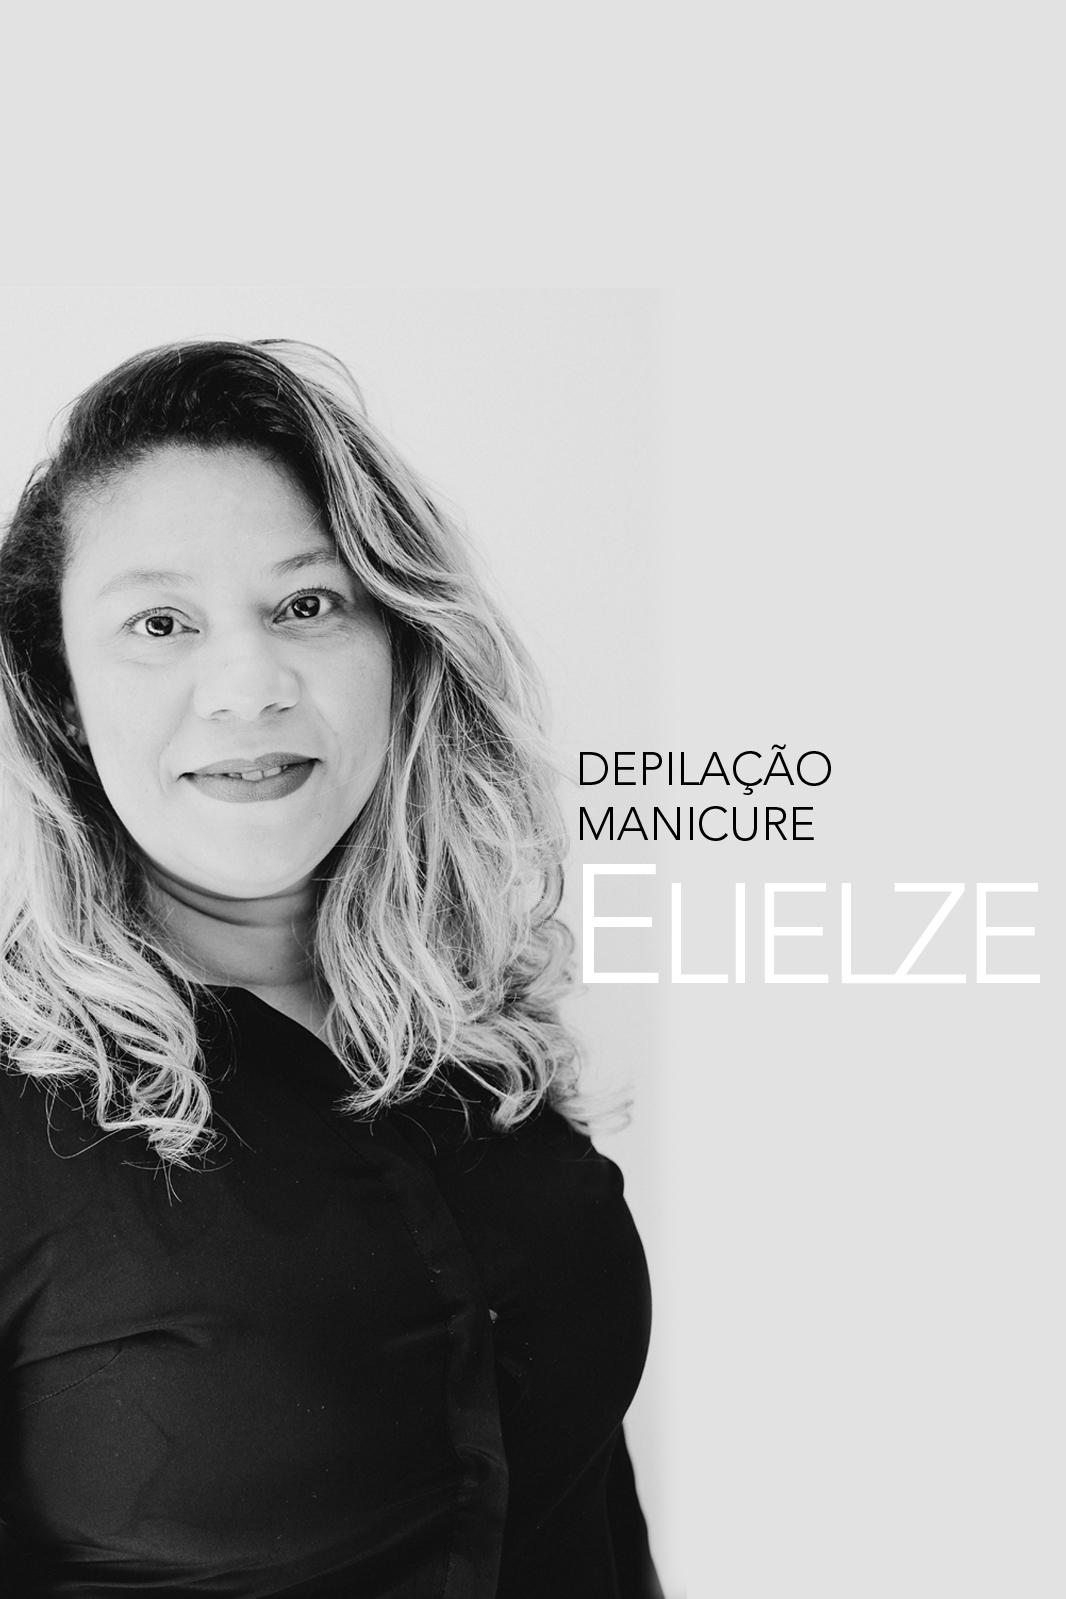 Depilaçao, Manicure em Sao Sebastiao